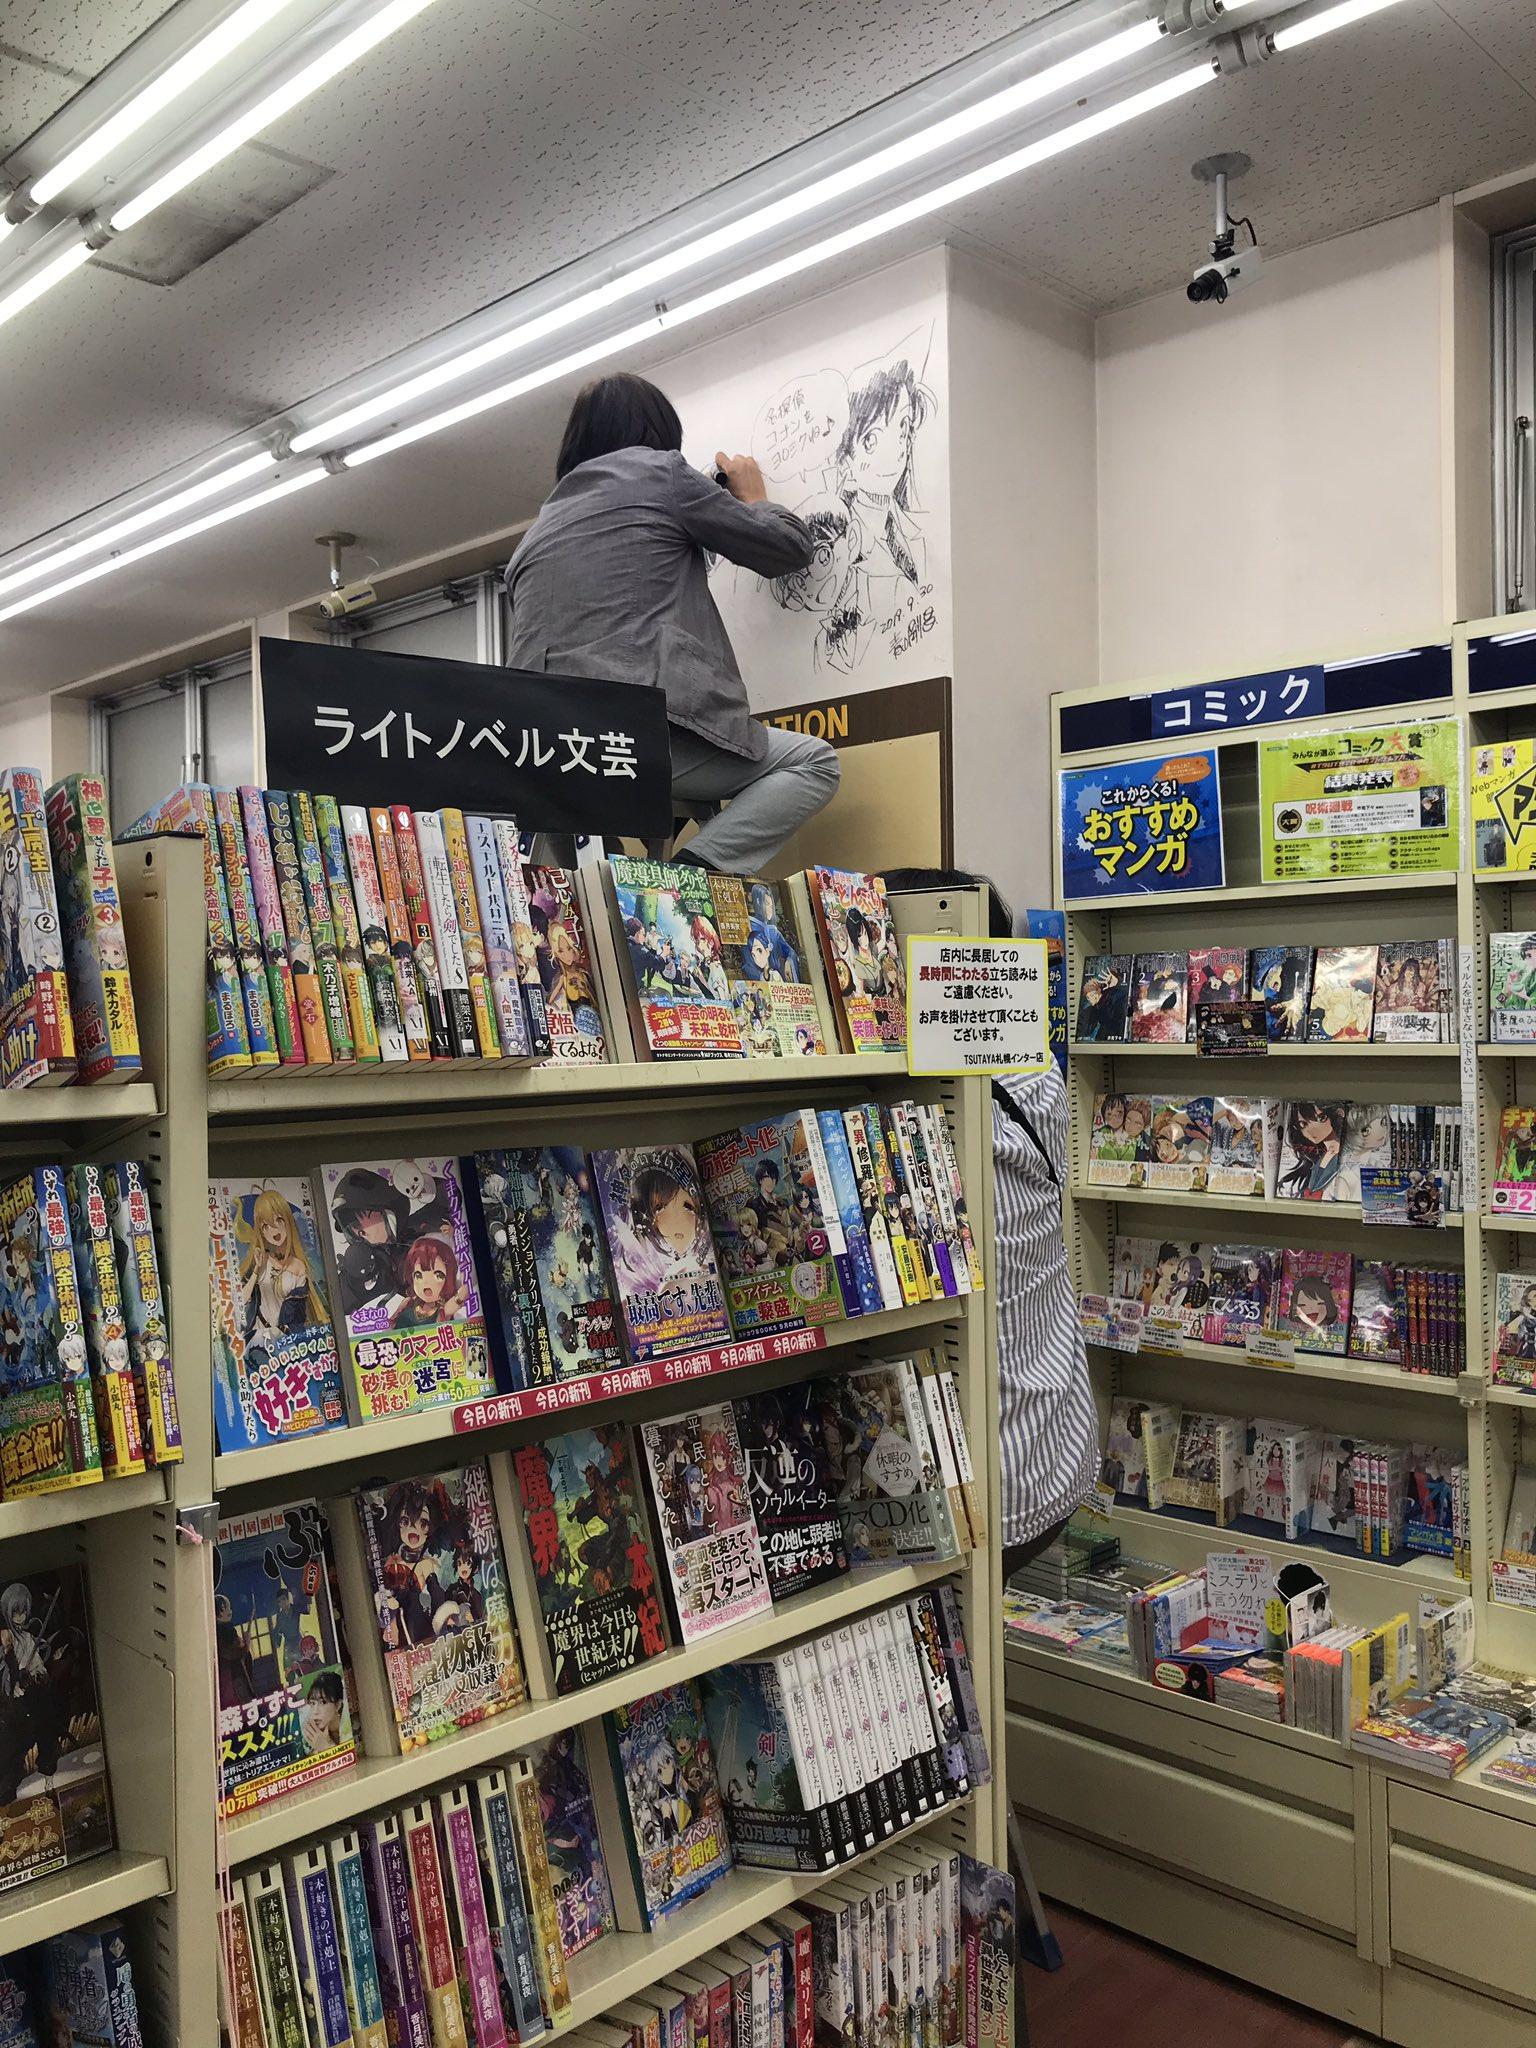 書店の壁に落書きしている人は!?「名探偵コナン」の作者ご本人だったwww